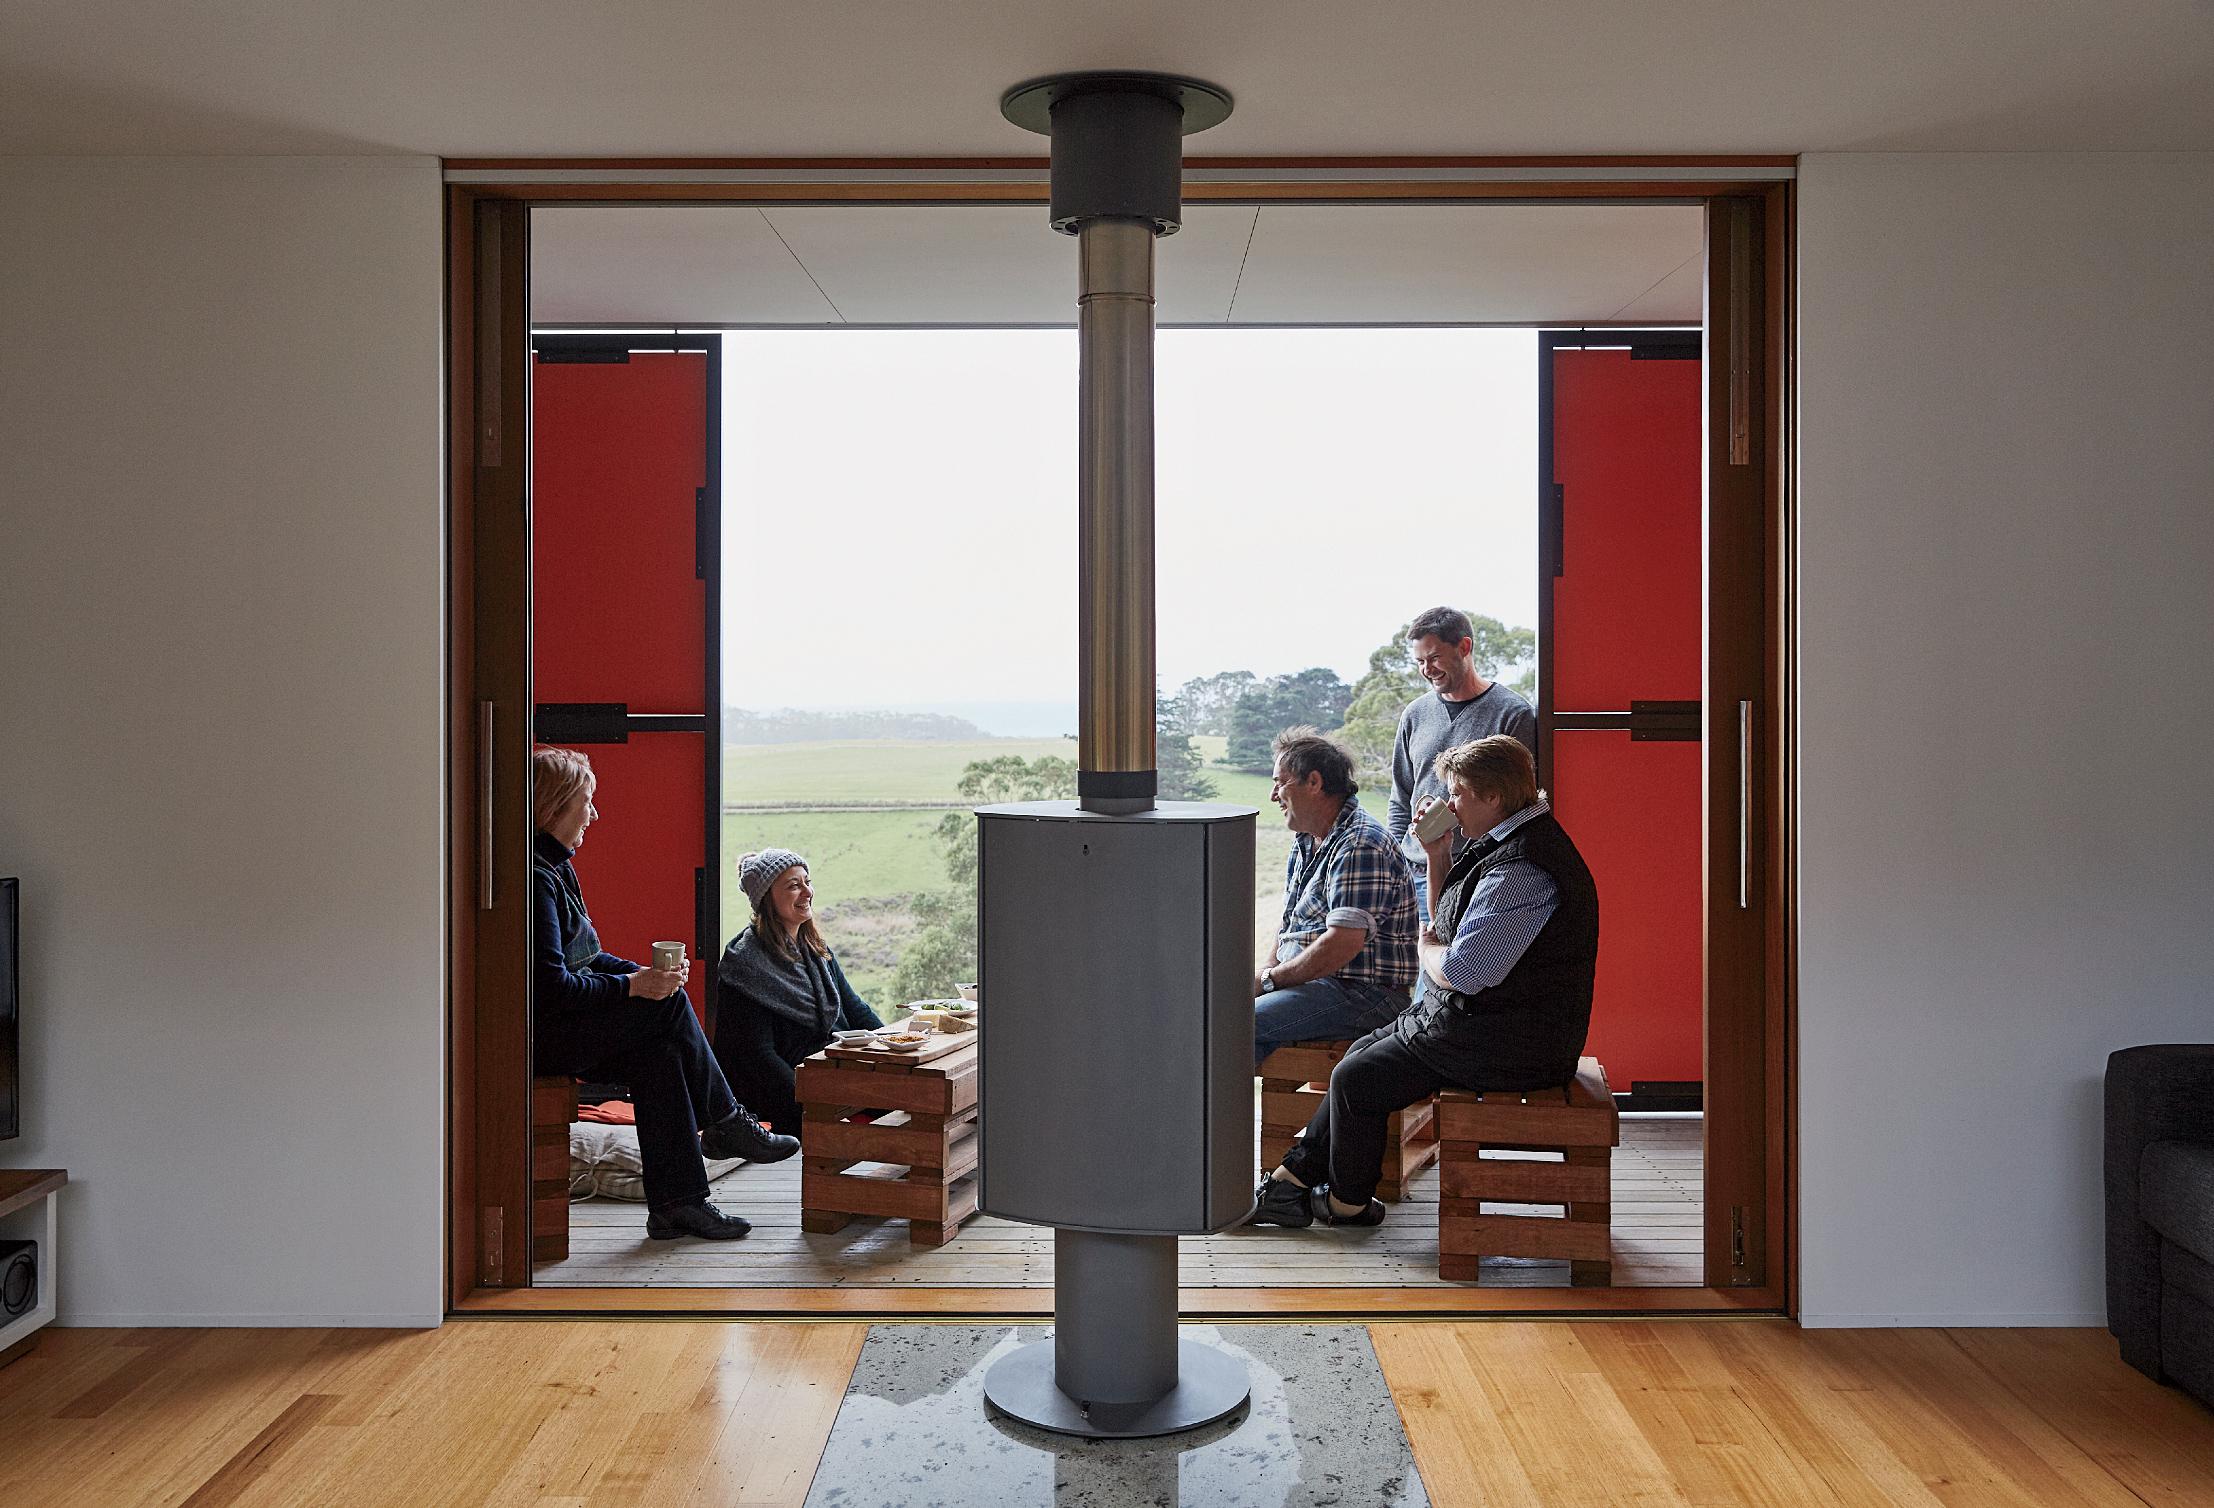 Veranda of off-the-grid Tasmanian prefab by Misho+Associates.